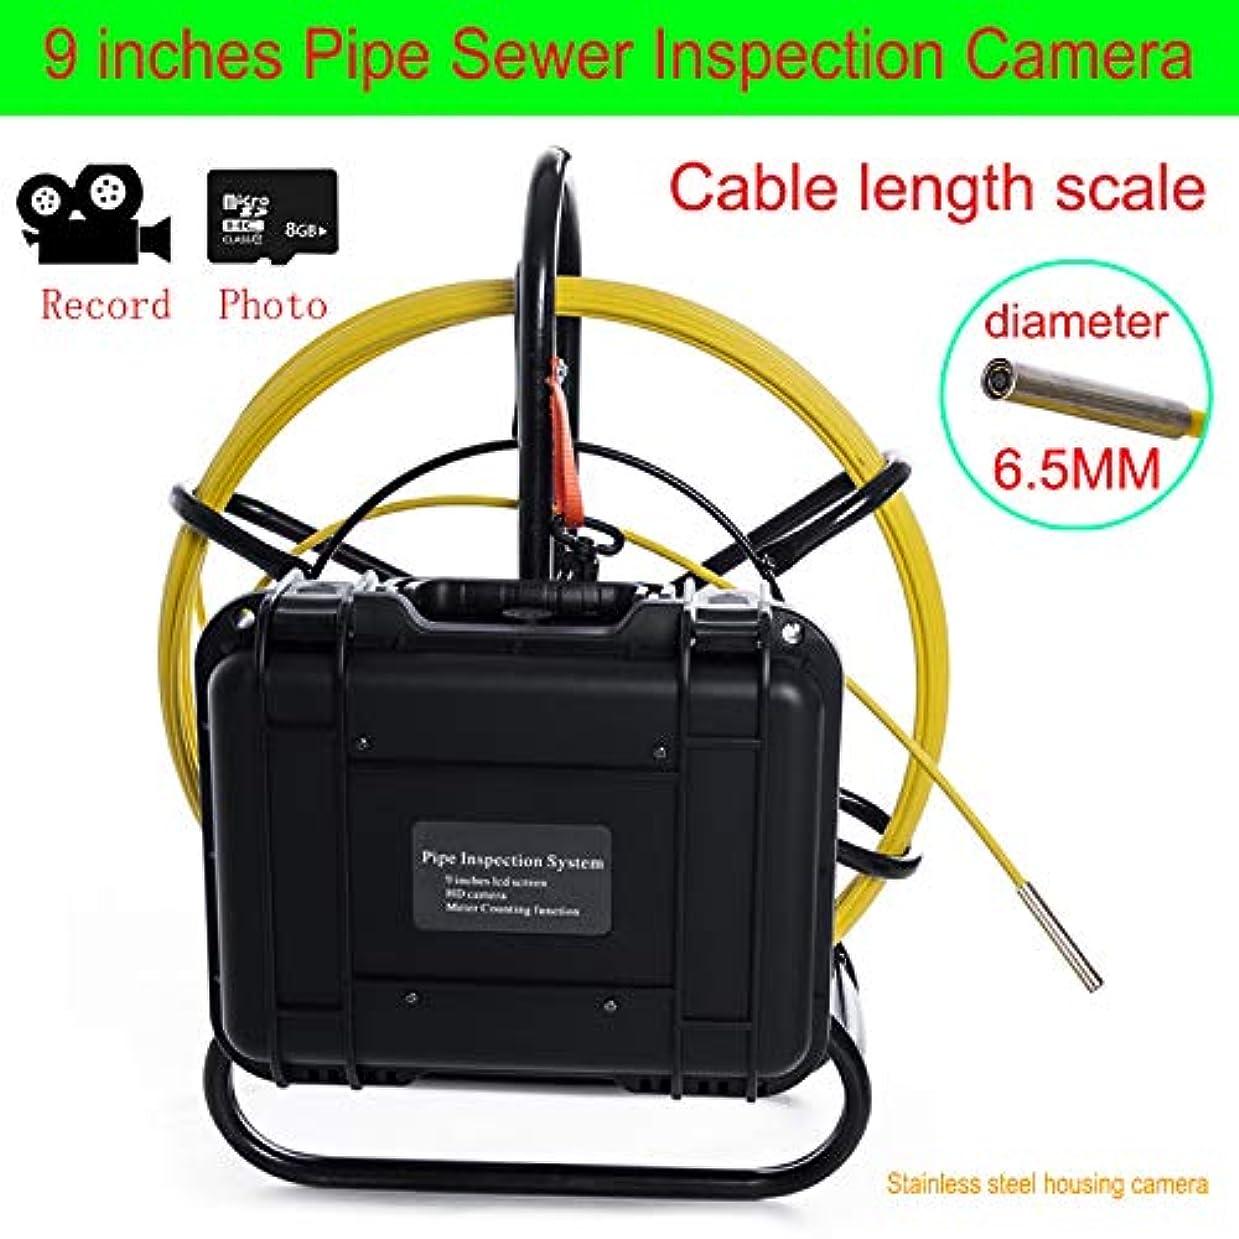 イブニングする物語9インチ工業用パイプライン下水道検知カメラIP68防水排水検知1000 TVL DVR機能、50 M